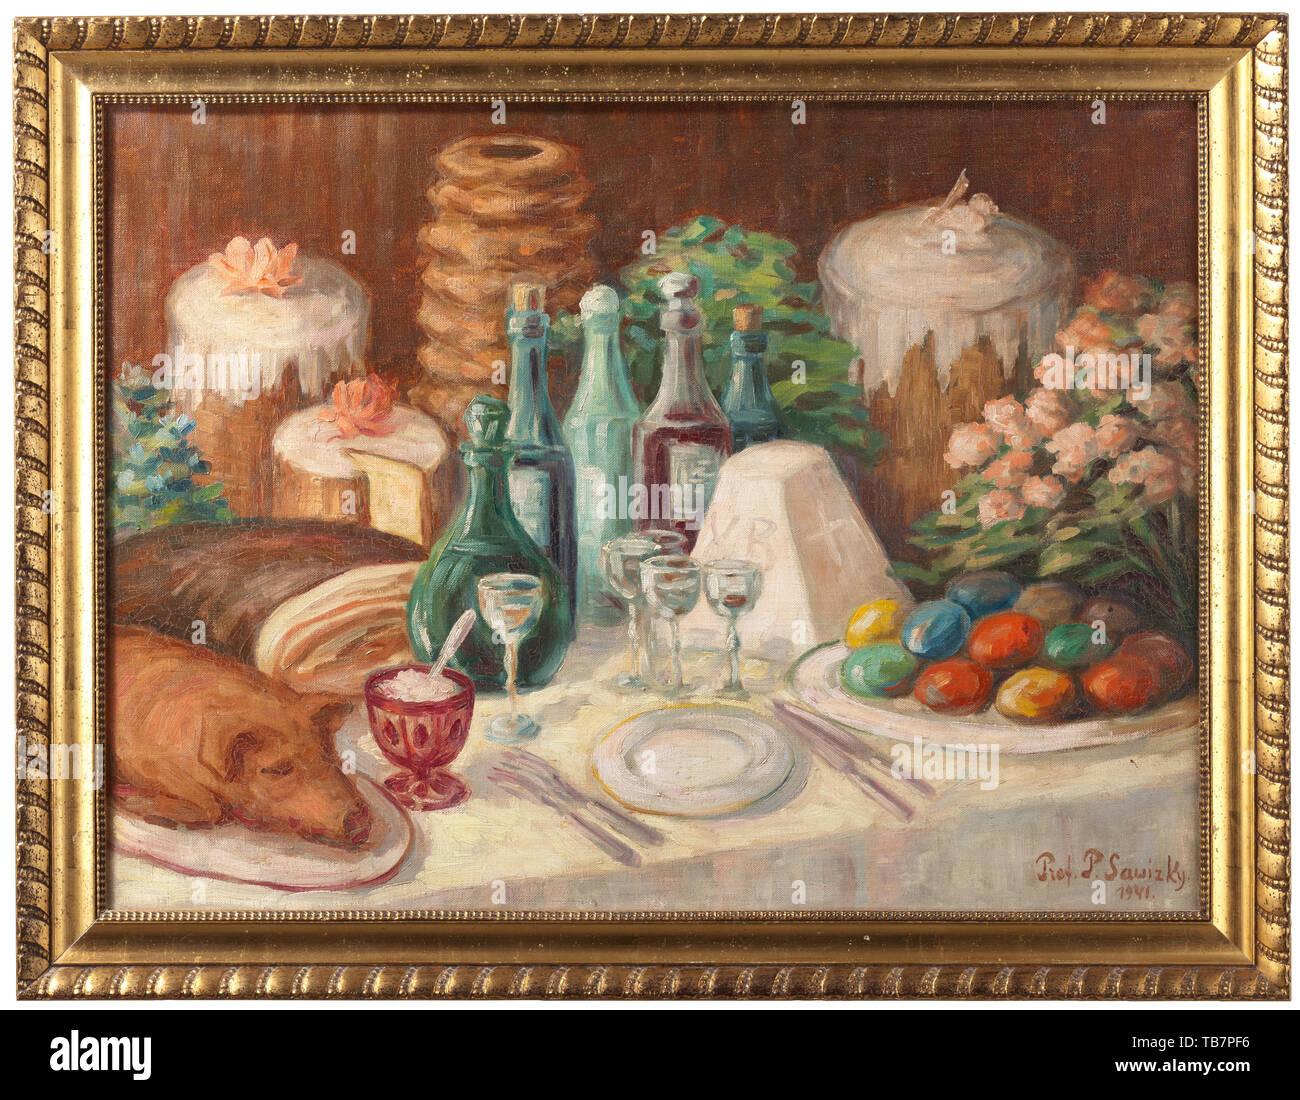 Protoiereus Olimpievitsh (1881 Pavel Élie Lefeuvre - 1956) - une vie encore Pâques, huile sur toile, signée en bas à droite et datée 'Prot. P. Sawizky 1941'. La table somptueusement avec des gâteaux de Pâques, oeufs de Pâques, des fleurs, des boissons et un cochon de lait. Dans un cadre en bois doré. Peinture de dimension 60 x 80 cm. Châssis de dimension 71 x 91 cm. Olimpievitsh Protoiereus Pavel était un Élie Lefeuvre peintre et sculpteur russe, ainsi qu'un célèbre chef d'église orthodoxe au cours de l'émigration. Il a étudié sous le PI. Troutnev au Vilensky Art Academy et à l'Additional-Rights Clearance-Info-chu,-Not-Available Photo Stock